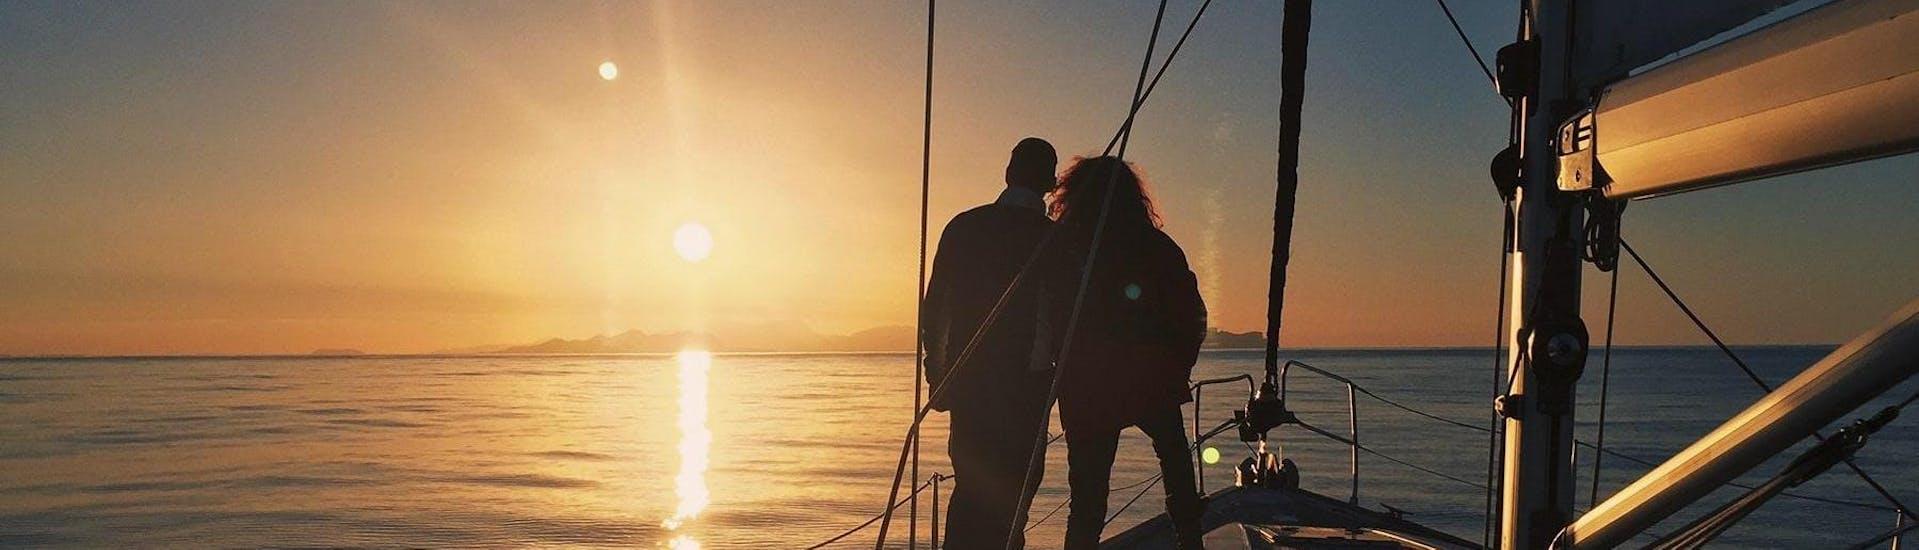 Durante el Tour Privado en Barco de Vela Atardecer con Cena Romántica organizado por Five Star Barcelona, una pareja está disfrutando de los momentos únicos en mar abierto cuando el sol desaparece detrás del horizonte.